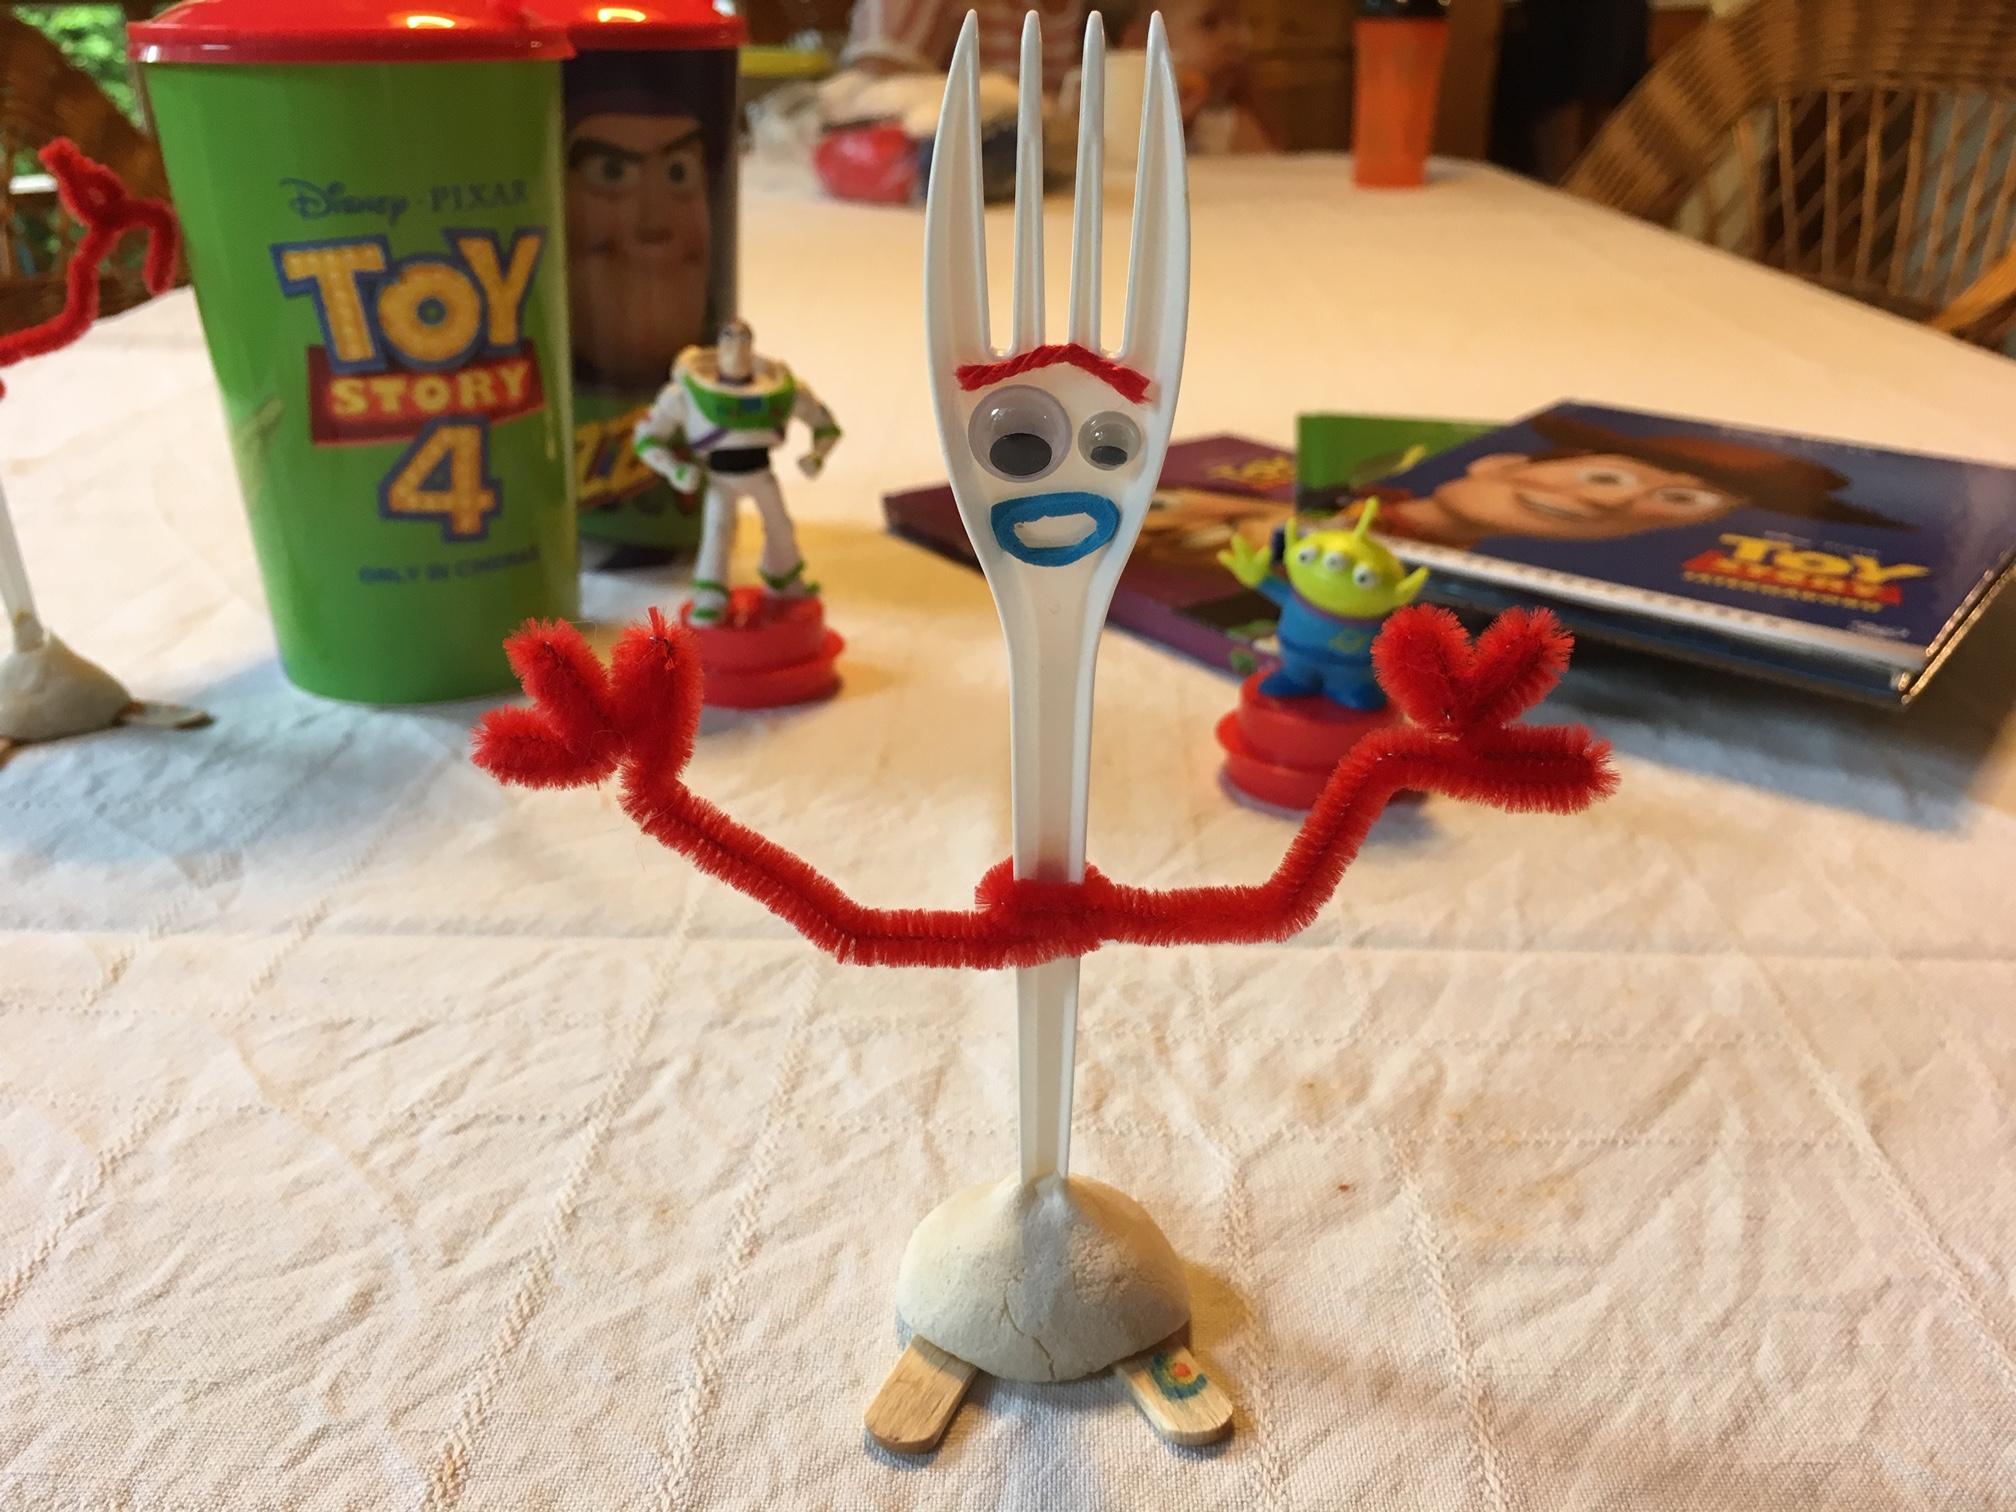 szmk_diy_toy_stroy_4_forky_villi_disney_pixar_woody_buzz_lightyear_jatekhaboru_villa_csinald_magad_barkacs_19.JPG